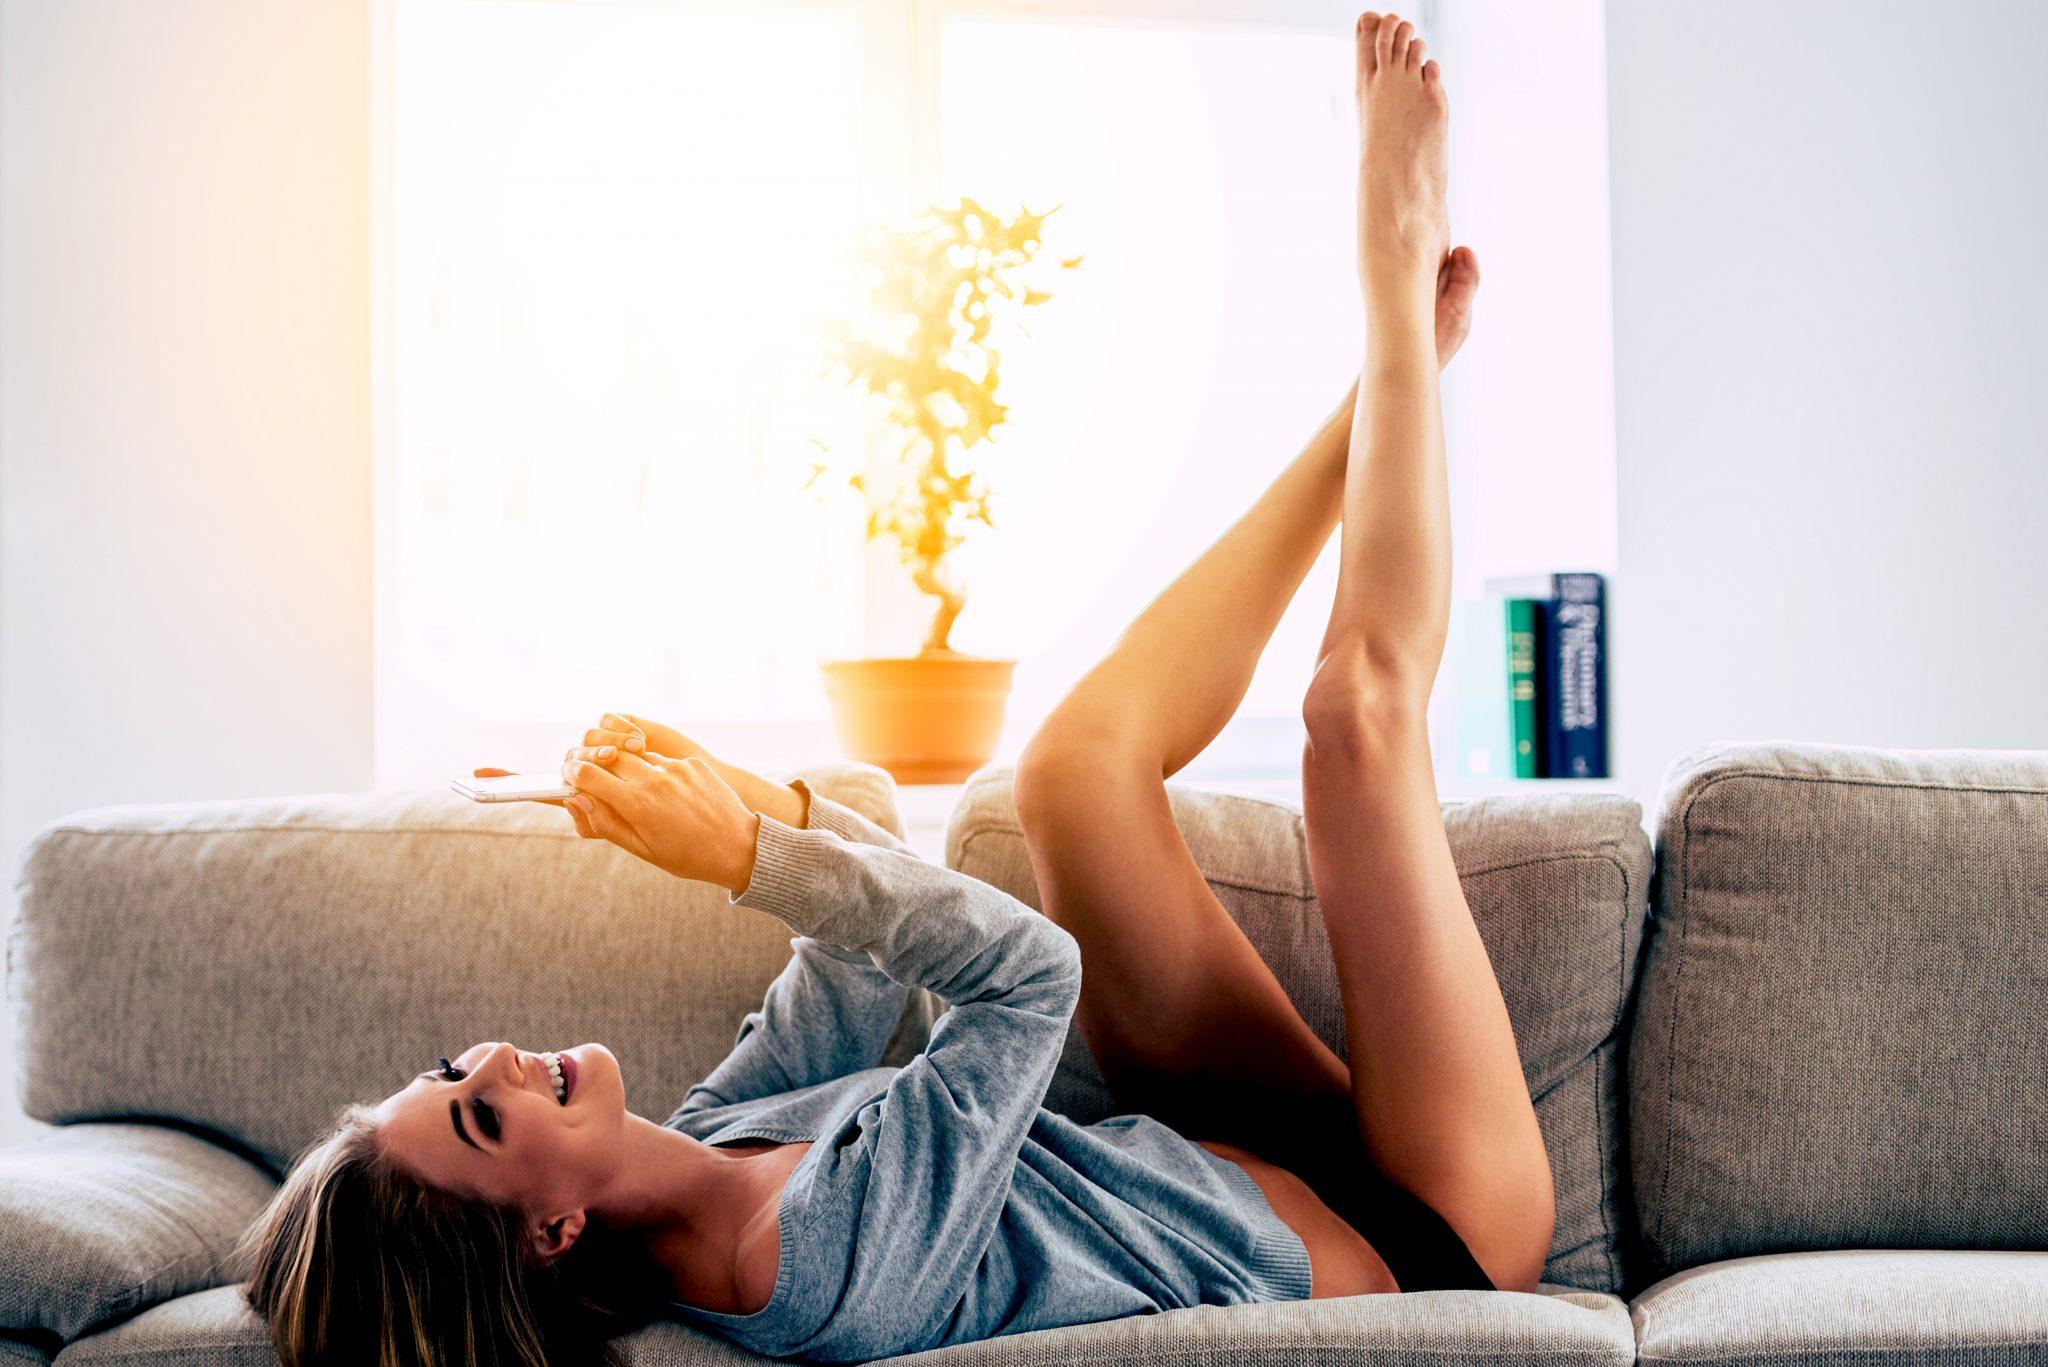 ソファに横になりながら綺麗で長い脚を伸ばしている女性